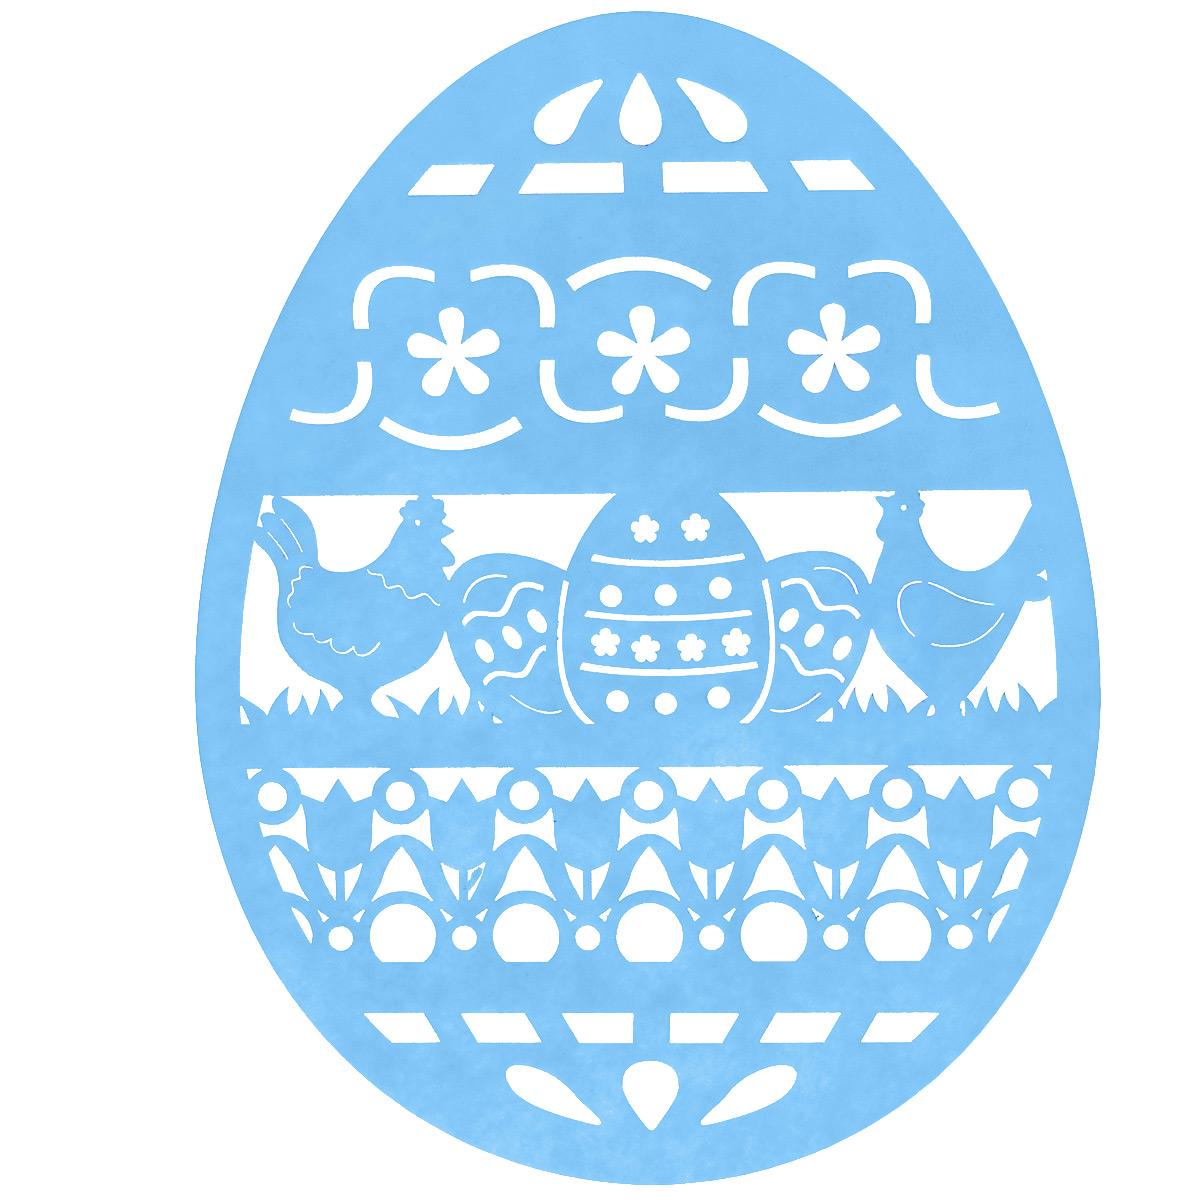 Салфетка сервировочная Home Queen Веселый праздник, цвет: голубой, 25 см х 33 см66842_2Сервировочная салфетка Home Queen Веселый праздник изготовлена из фетра в форме яйца и оформлена изысканной перфорацией на тему Пасхи. Такая салфетка прекрасно подойдет для украшения интерьера кухни и праздничного стола, она сбережет стол от высоких температур и грязи.